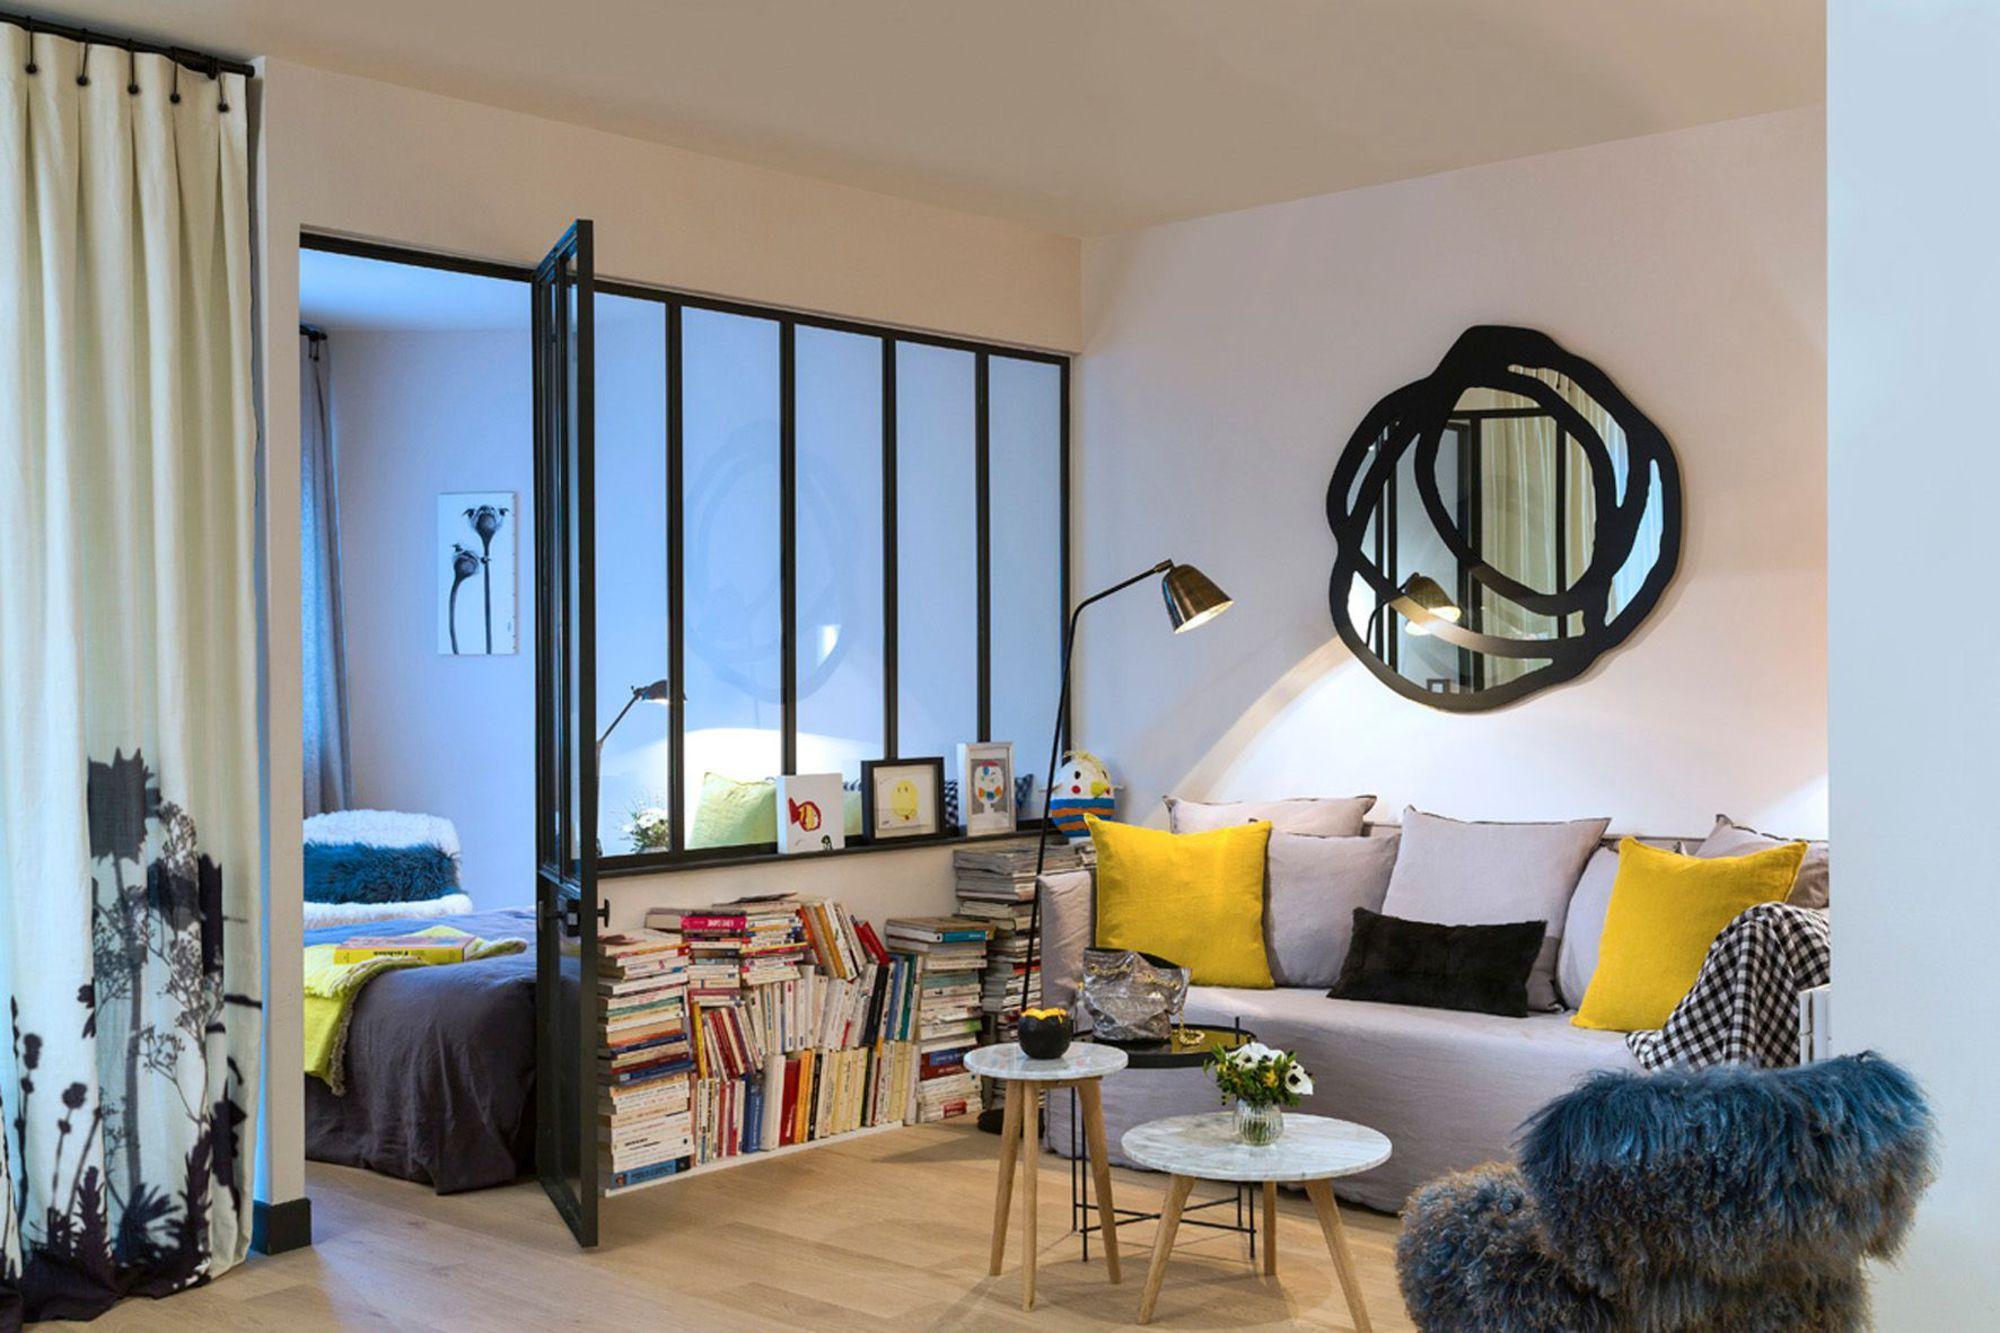 Однокомнатная квартира с перегородкой в стиле модерн